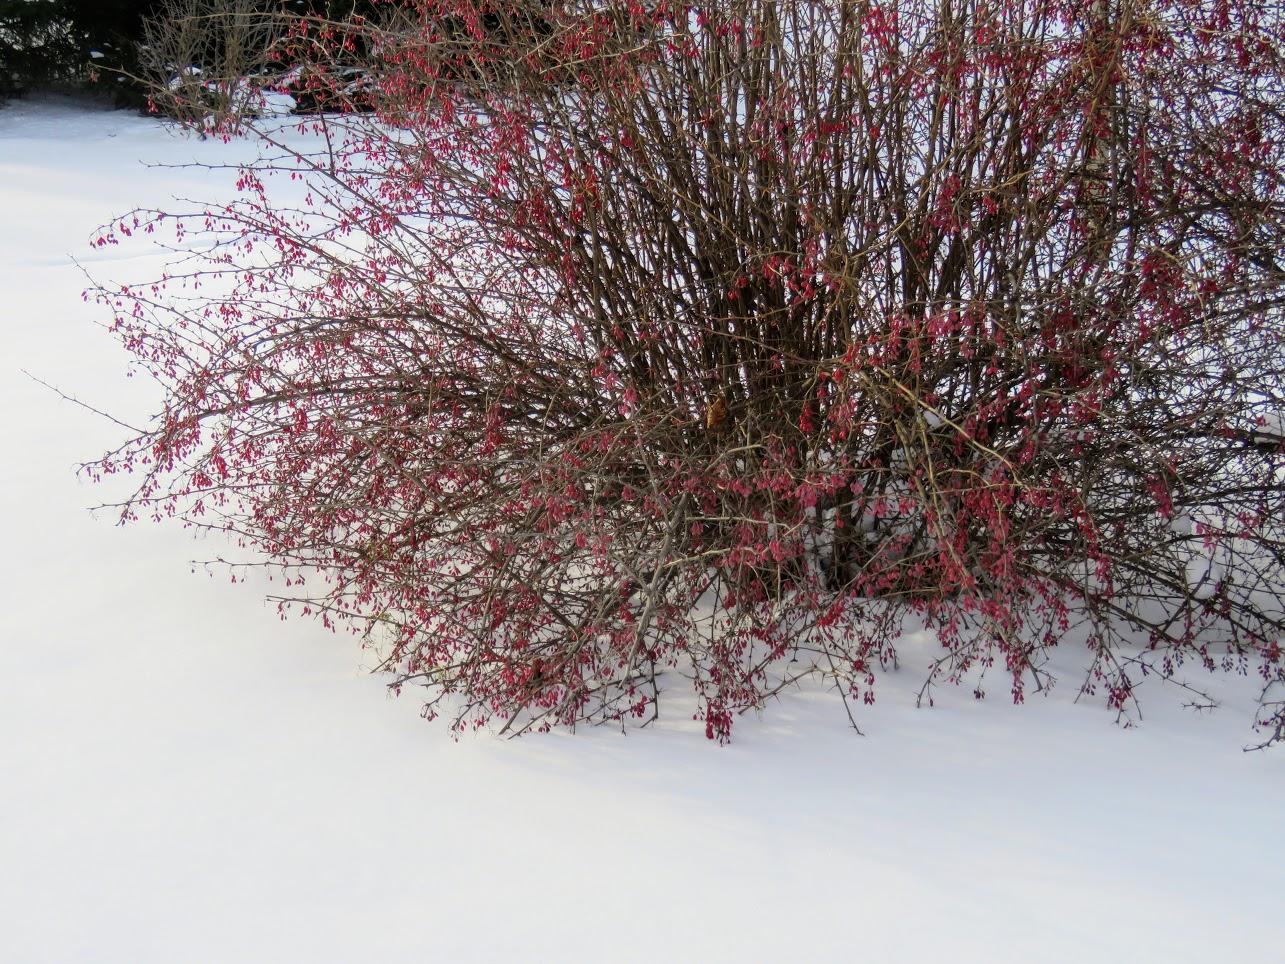 Розовый снежноягодник, снегири и другие прелести дня. Мой Мурыч с утра) IMG 2571